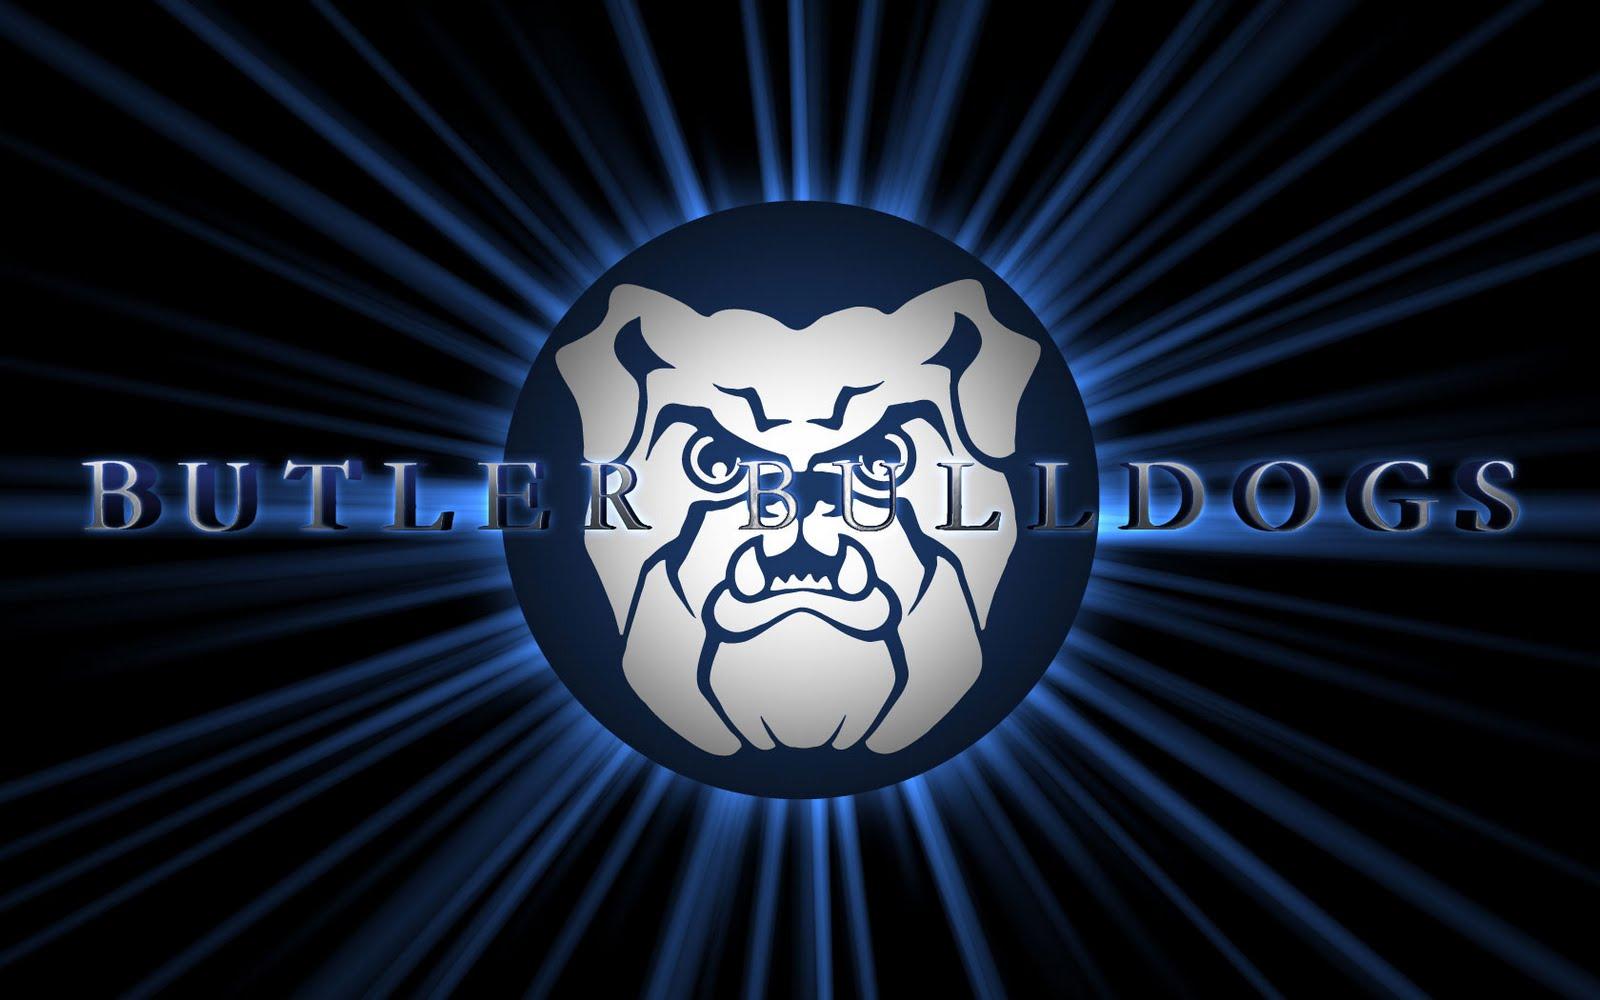 http://2.bp.blogspot.com/-kSjyB38Em8Q/TmSgvxZ0VdI/AAAAAAAAD9s/GmkkqNsePMI/s1600/Butler-Bulldogs-Widescreen-Wallpaper.jpg